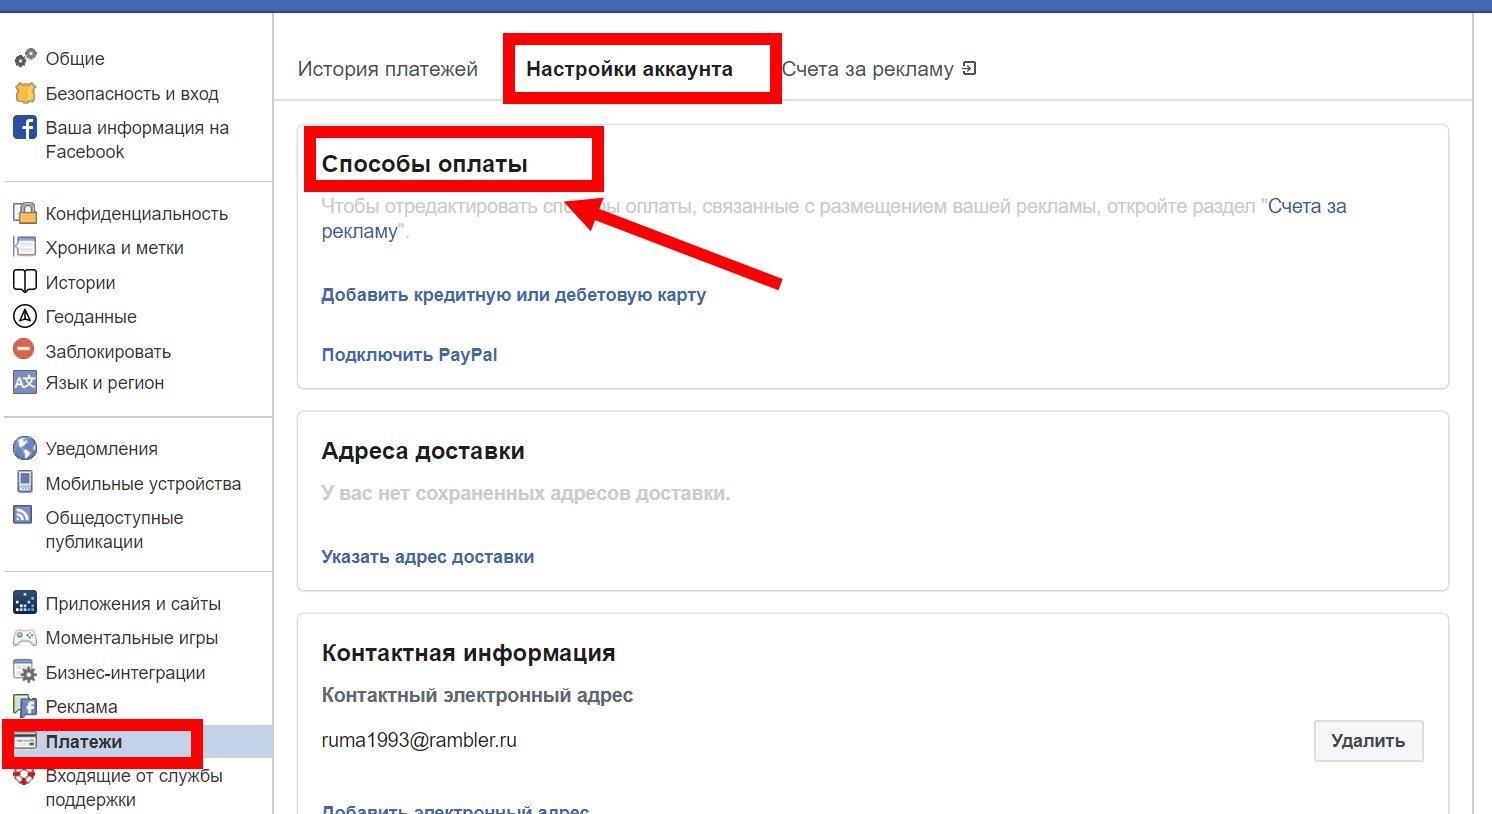 FB_kak-otviazat-karty6.jpg